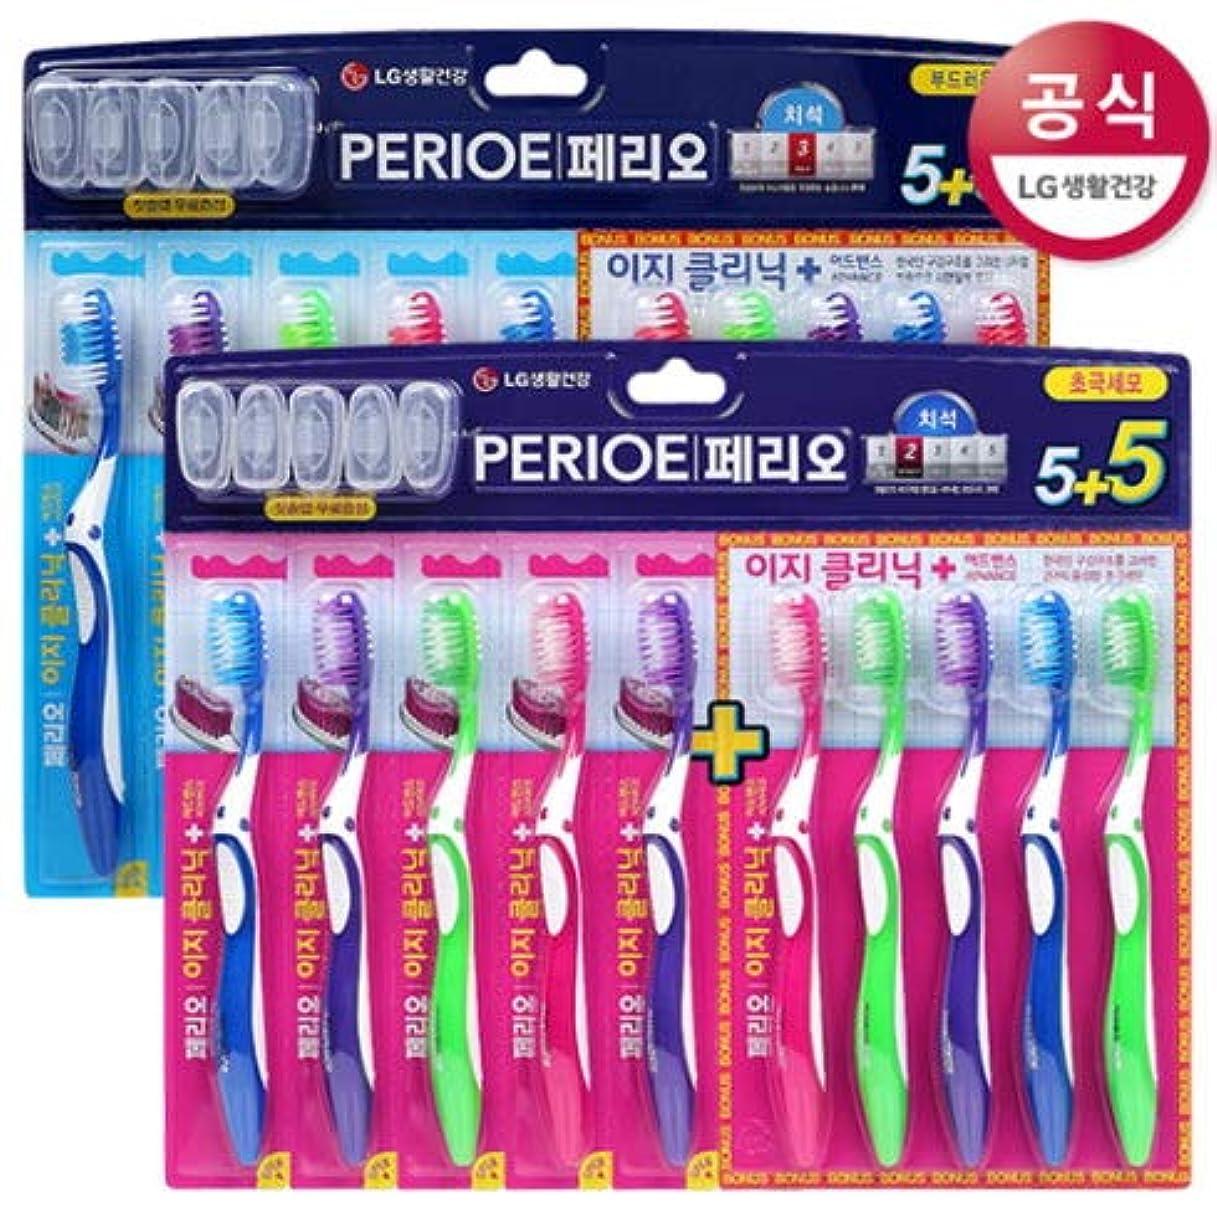 圧縮チーム部分的に[LG HnB] Perio Easy Clinical Advance Toothbrush/ペリオでクリニックアドバンス歯ブラシ 10の口x2個(海外直送品)